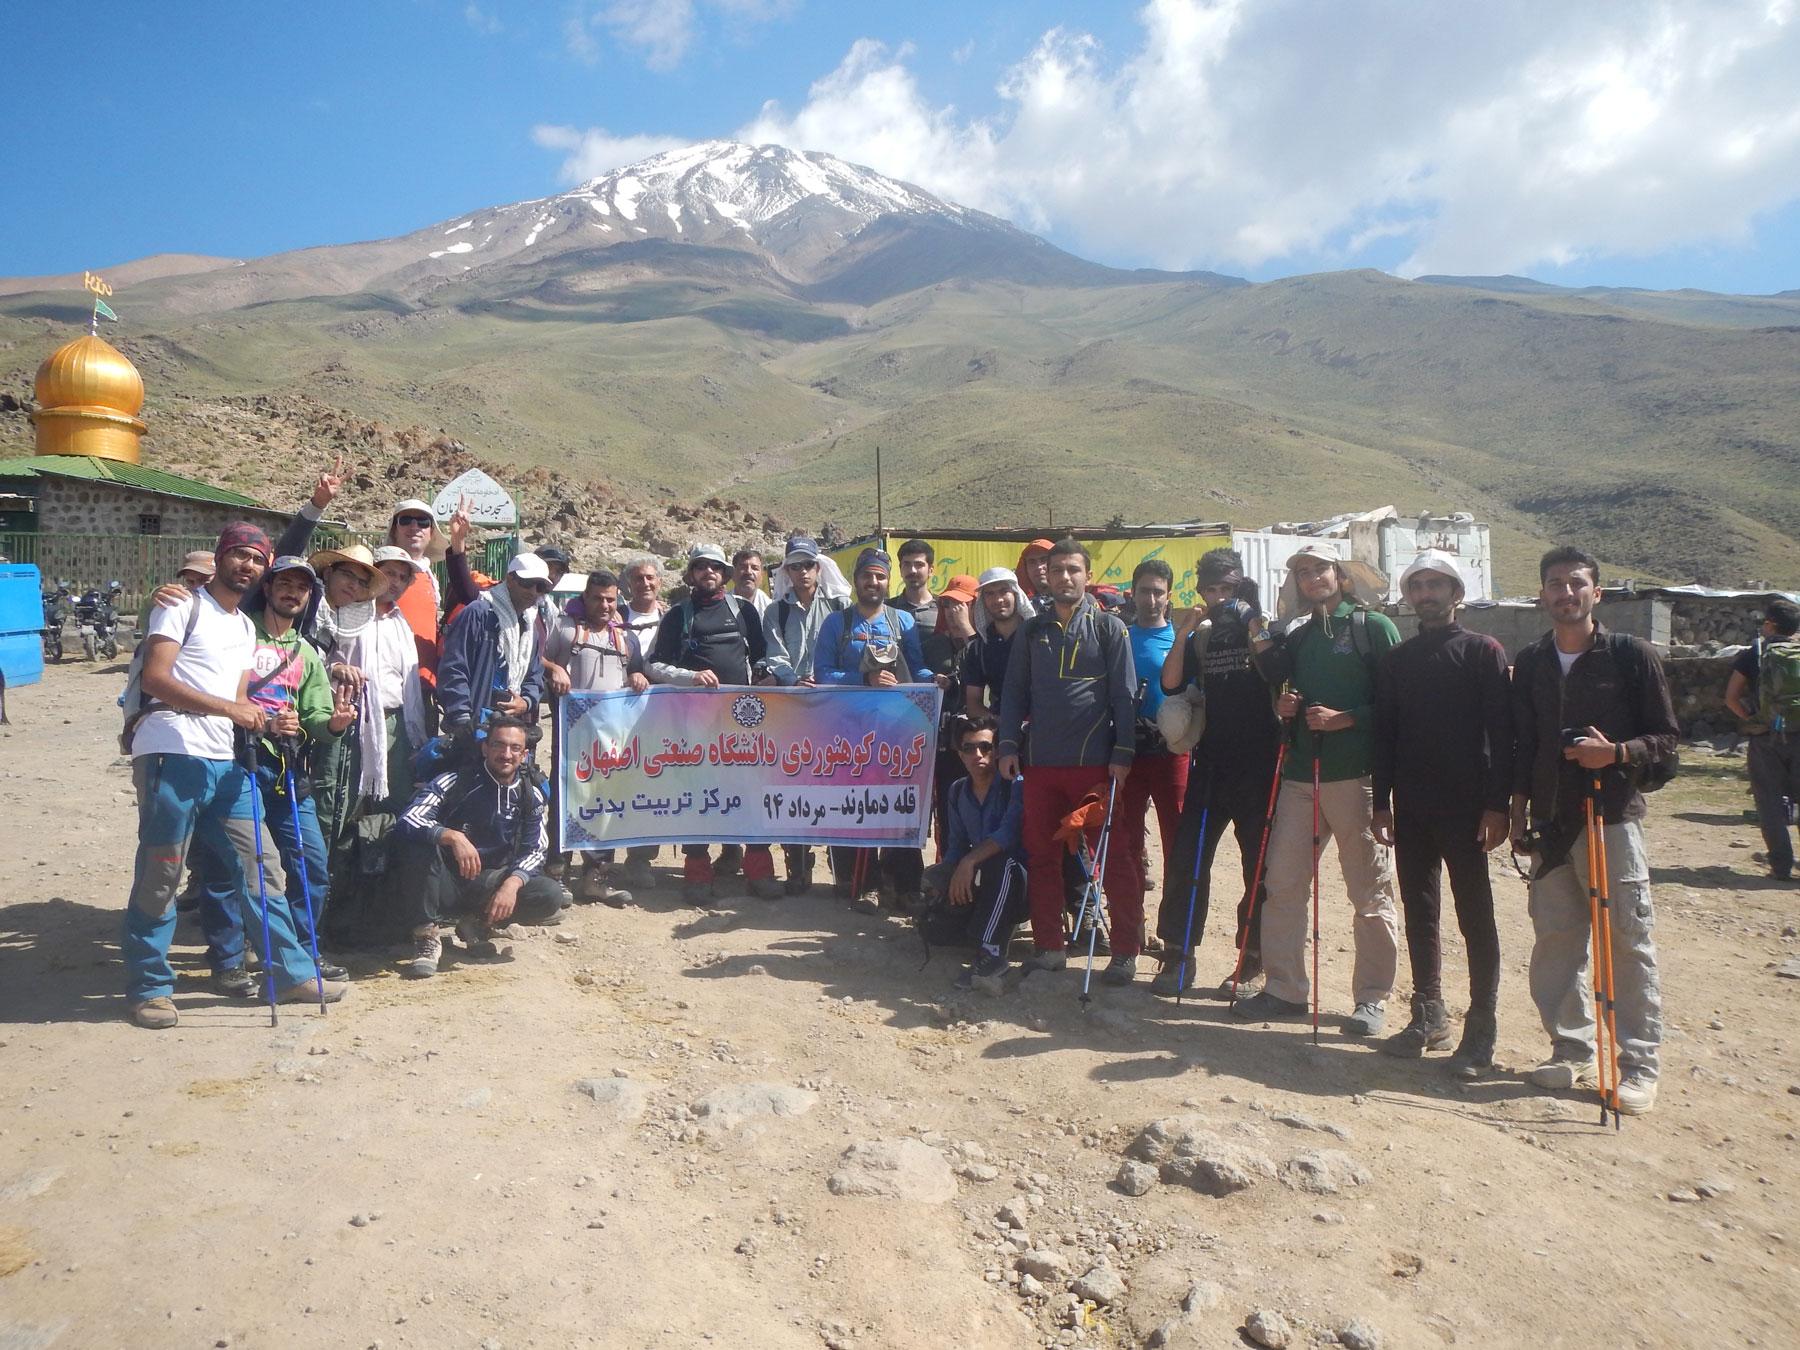 صعود به قله دماوند بهمراه تیم کوهنوردی دانشگاه صنعتی اصفهان